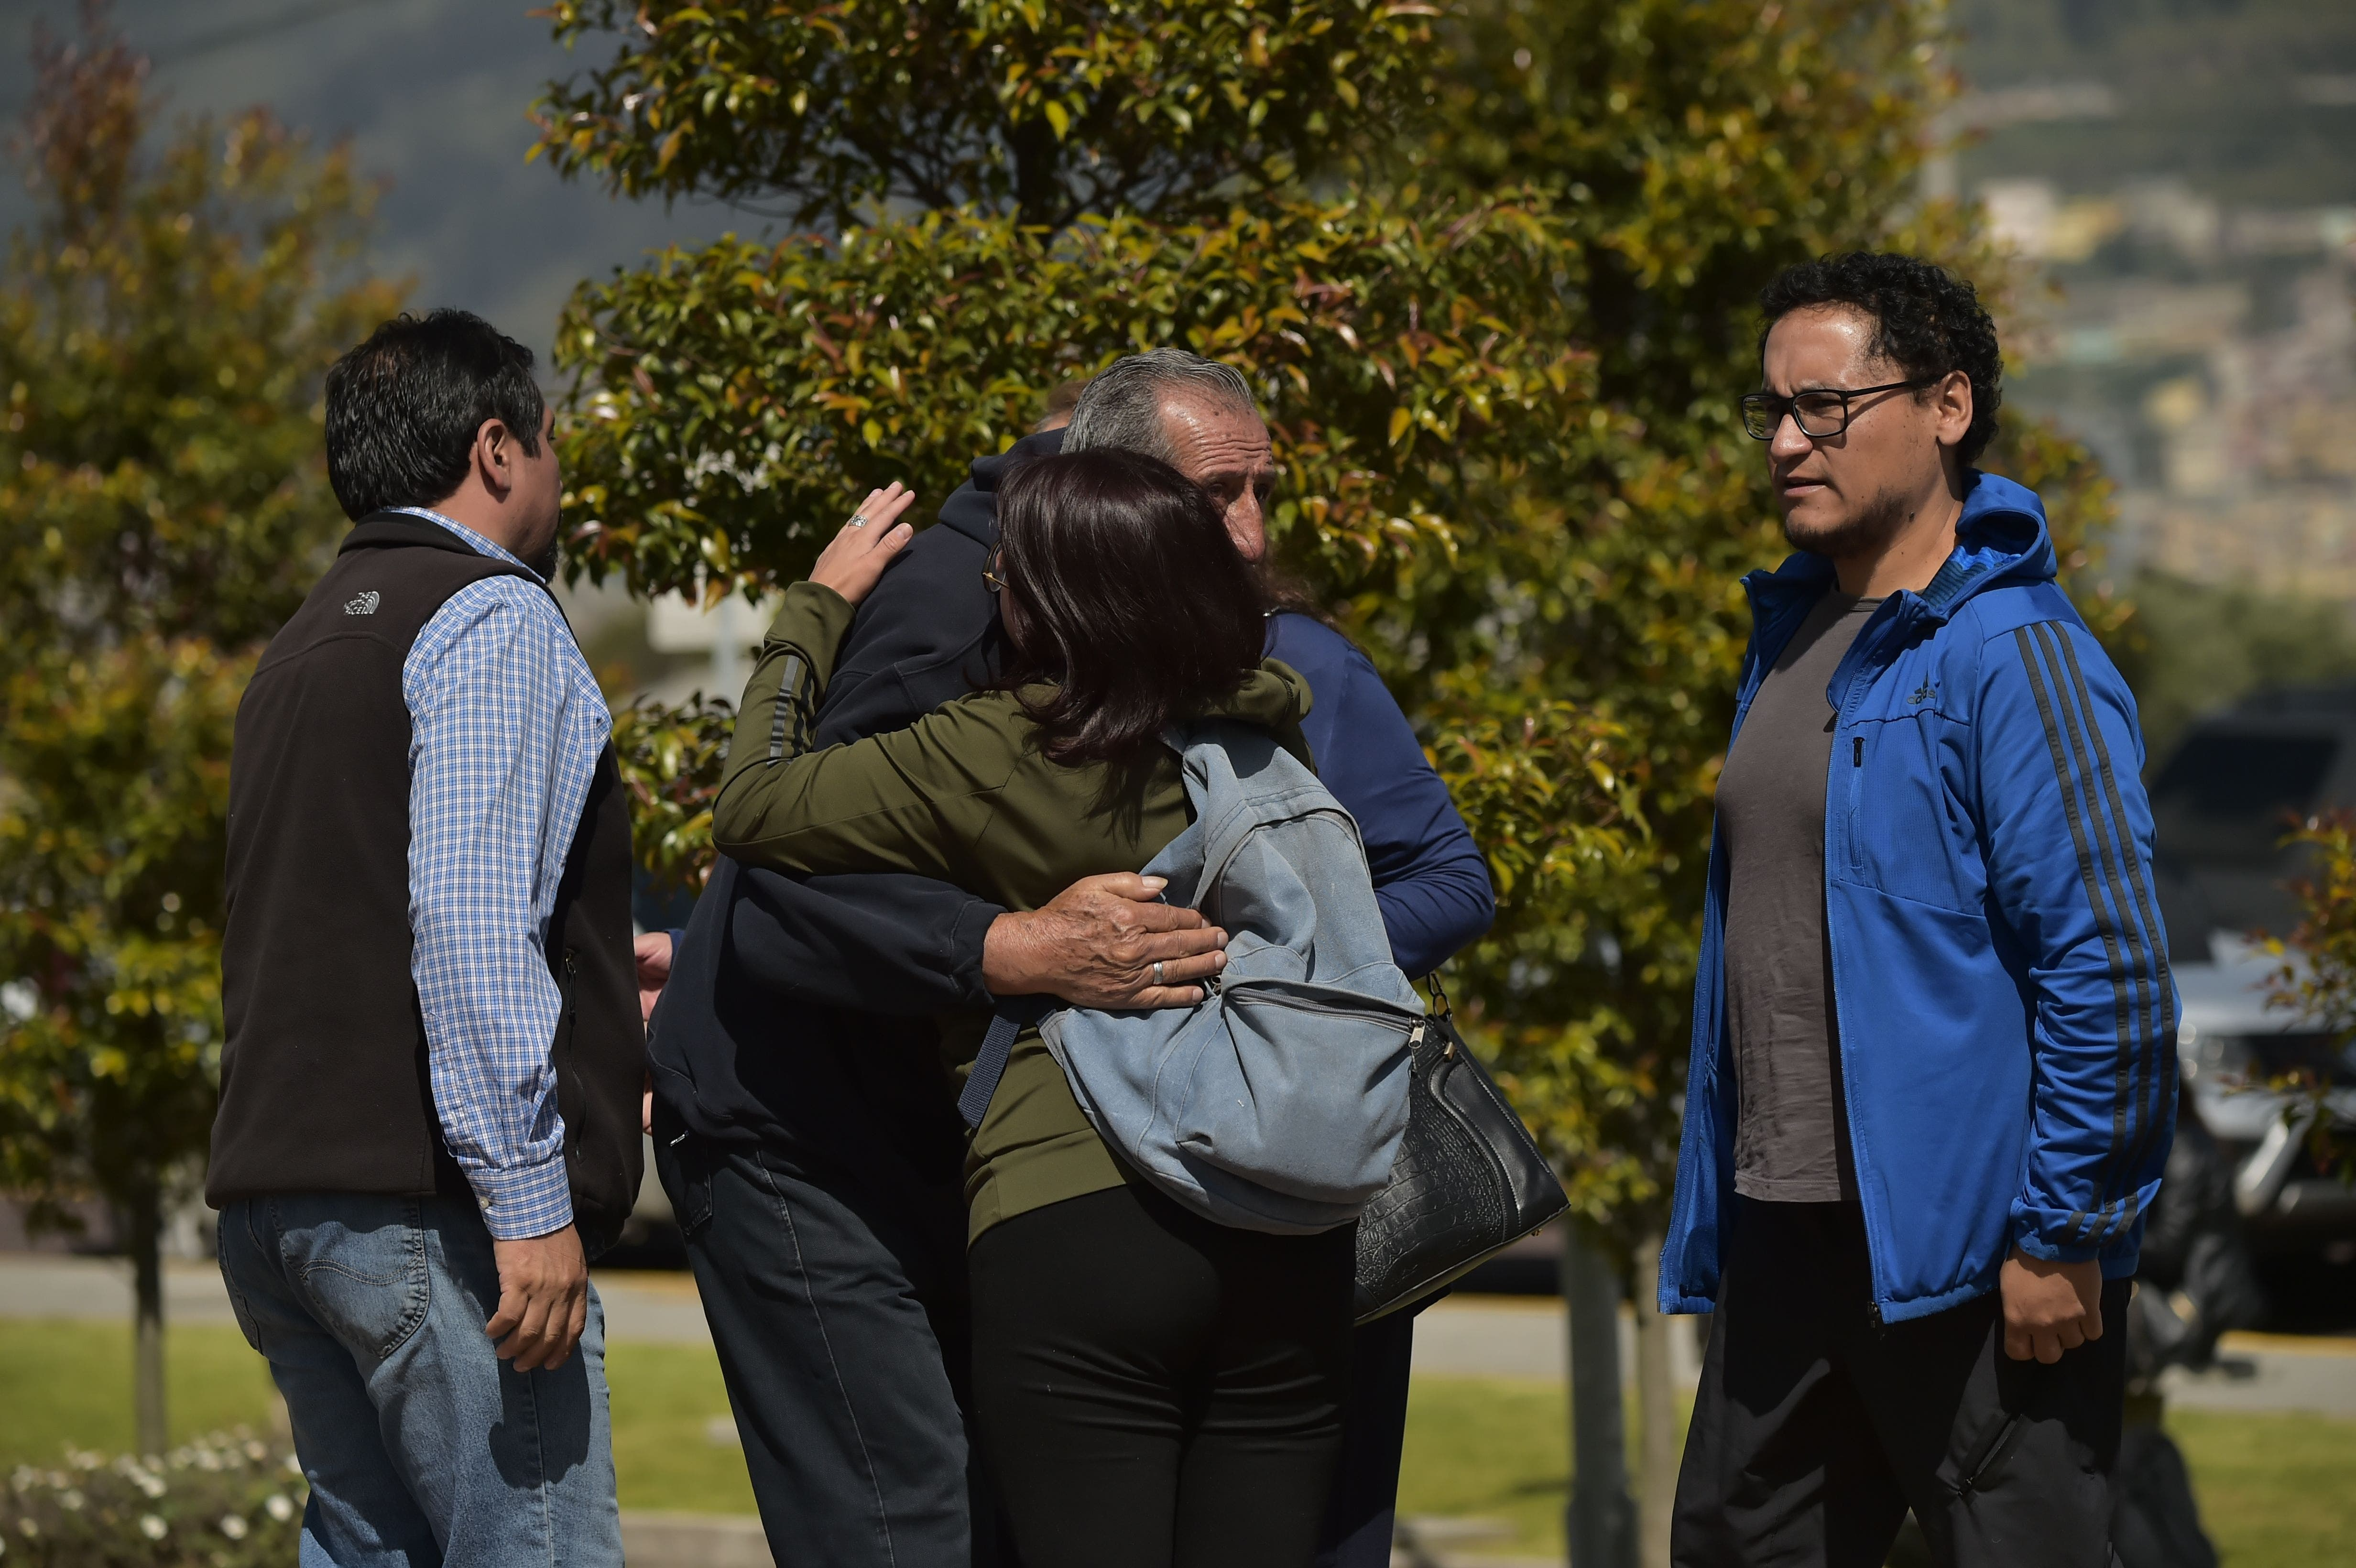 Familiares y amigos del periodista secuestrado ecuatoriano Javier Ortega, el fotógrafo Paul Rivas y su conductor Efraín Segarra, llegan a la sede de la ECU911 en Quito, el 13 de abril de 2018.   Un plazo de 12 horas desde Ecuador para los renegados rebeldes colombianos para probar que tres periodistas secuestrados seguían con vida o se enfrentan a una respuesta enérgica se avecinaba el viernes a medida que aumentaban los temores de que habían sido asesinados. / AFP / RODRIGO BUENDIA